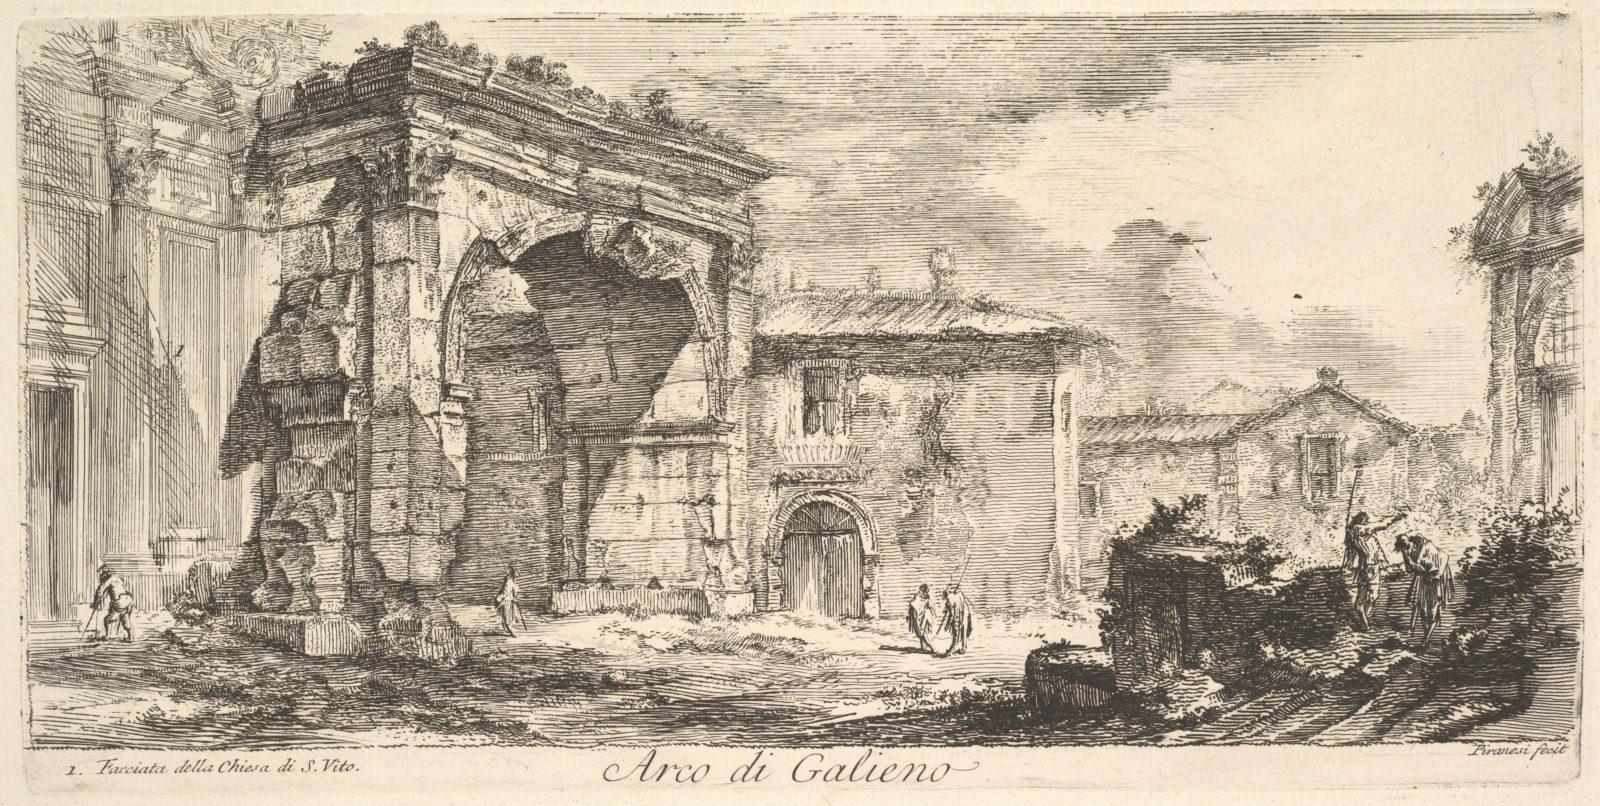 Arch of Galienus. 1. Façade od the Church of S. Vito (Arco di Galieno. 1. Facciata della Chiesa di S. Vito)